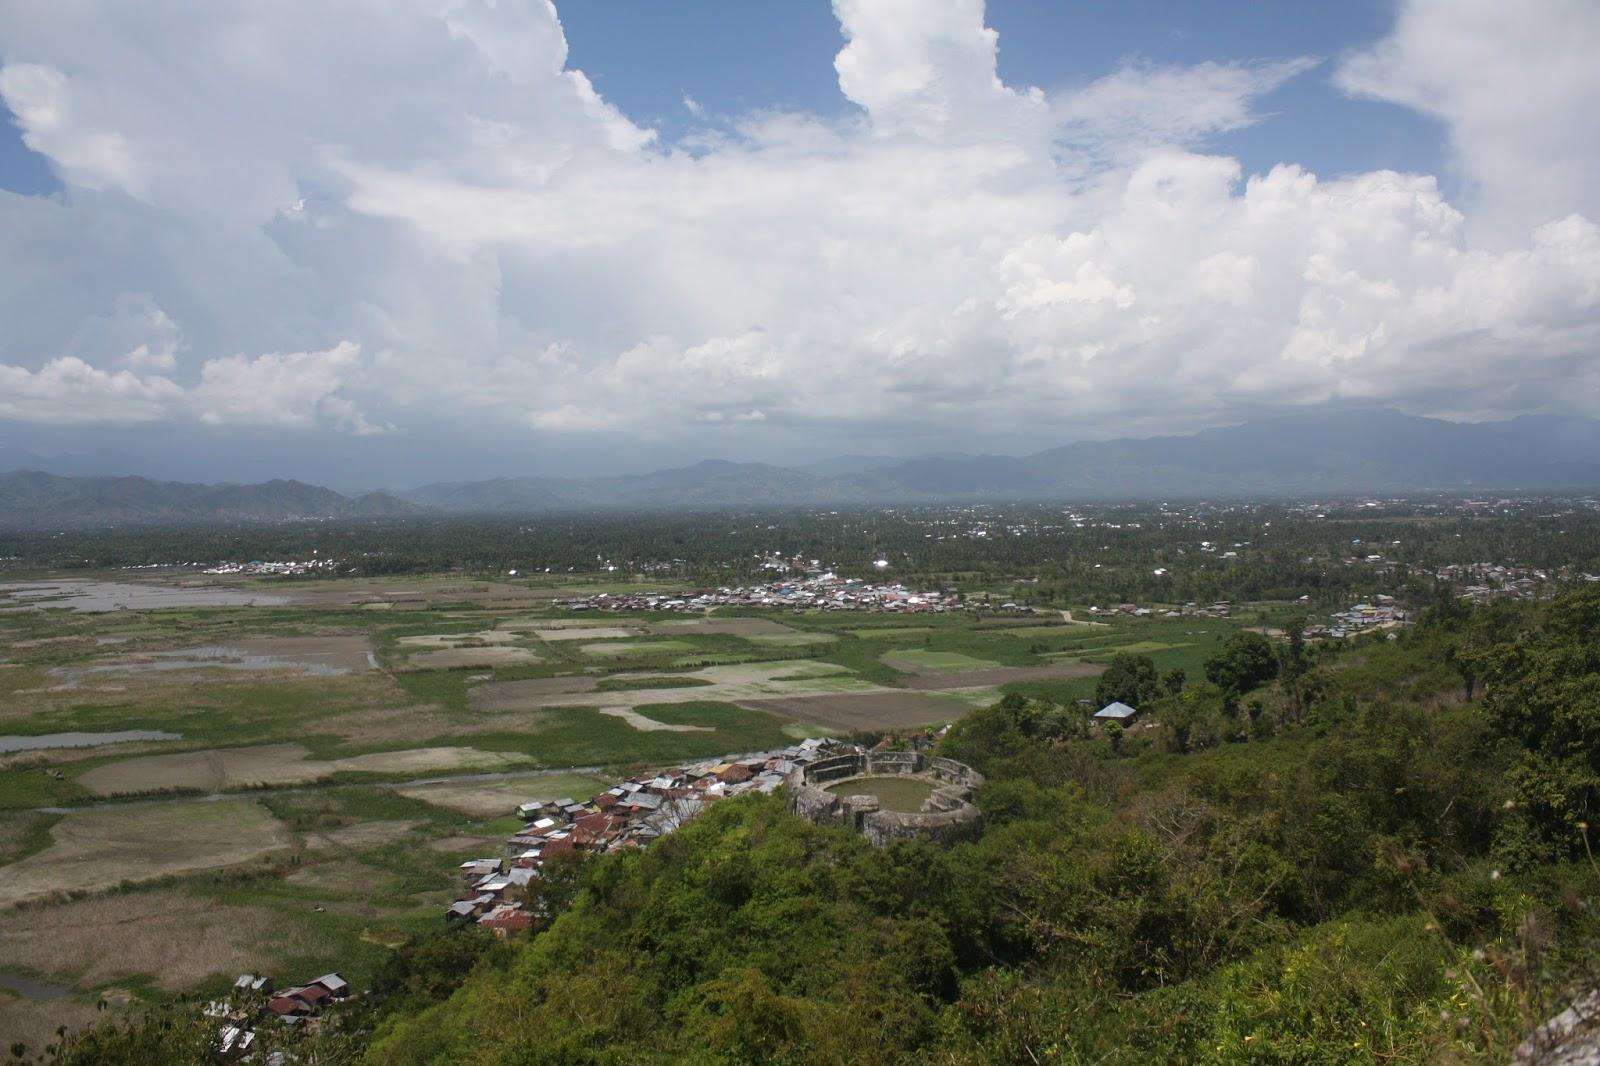 Gorontalo Tekno Koleksi Foto Wisata Pantai Dunu Kecamatan Monano Kab